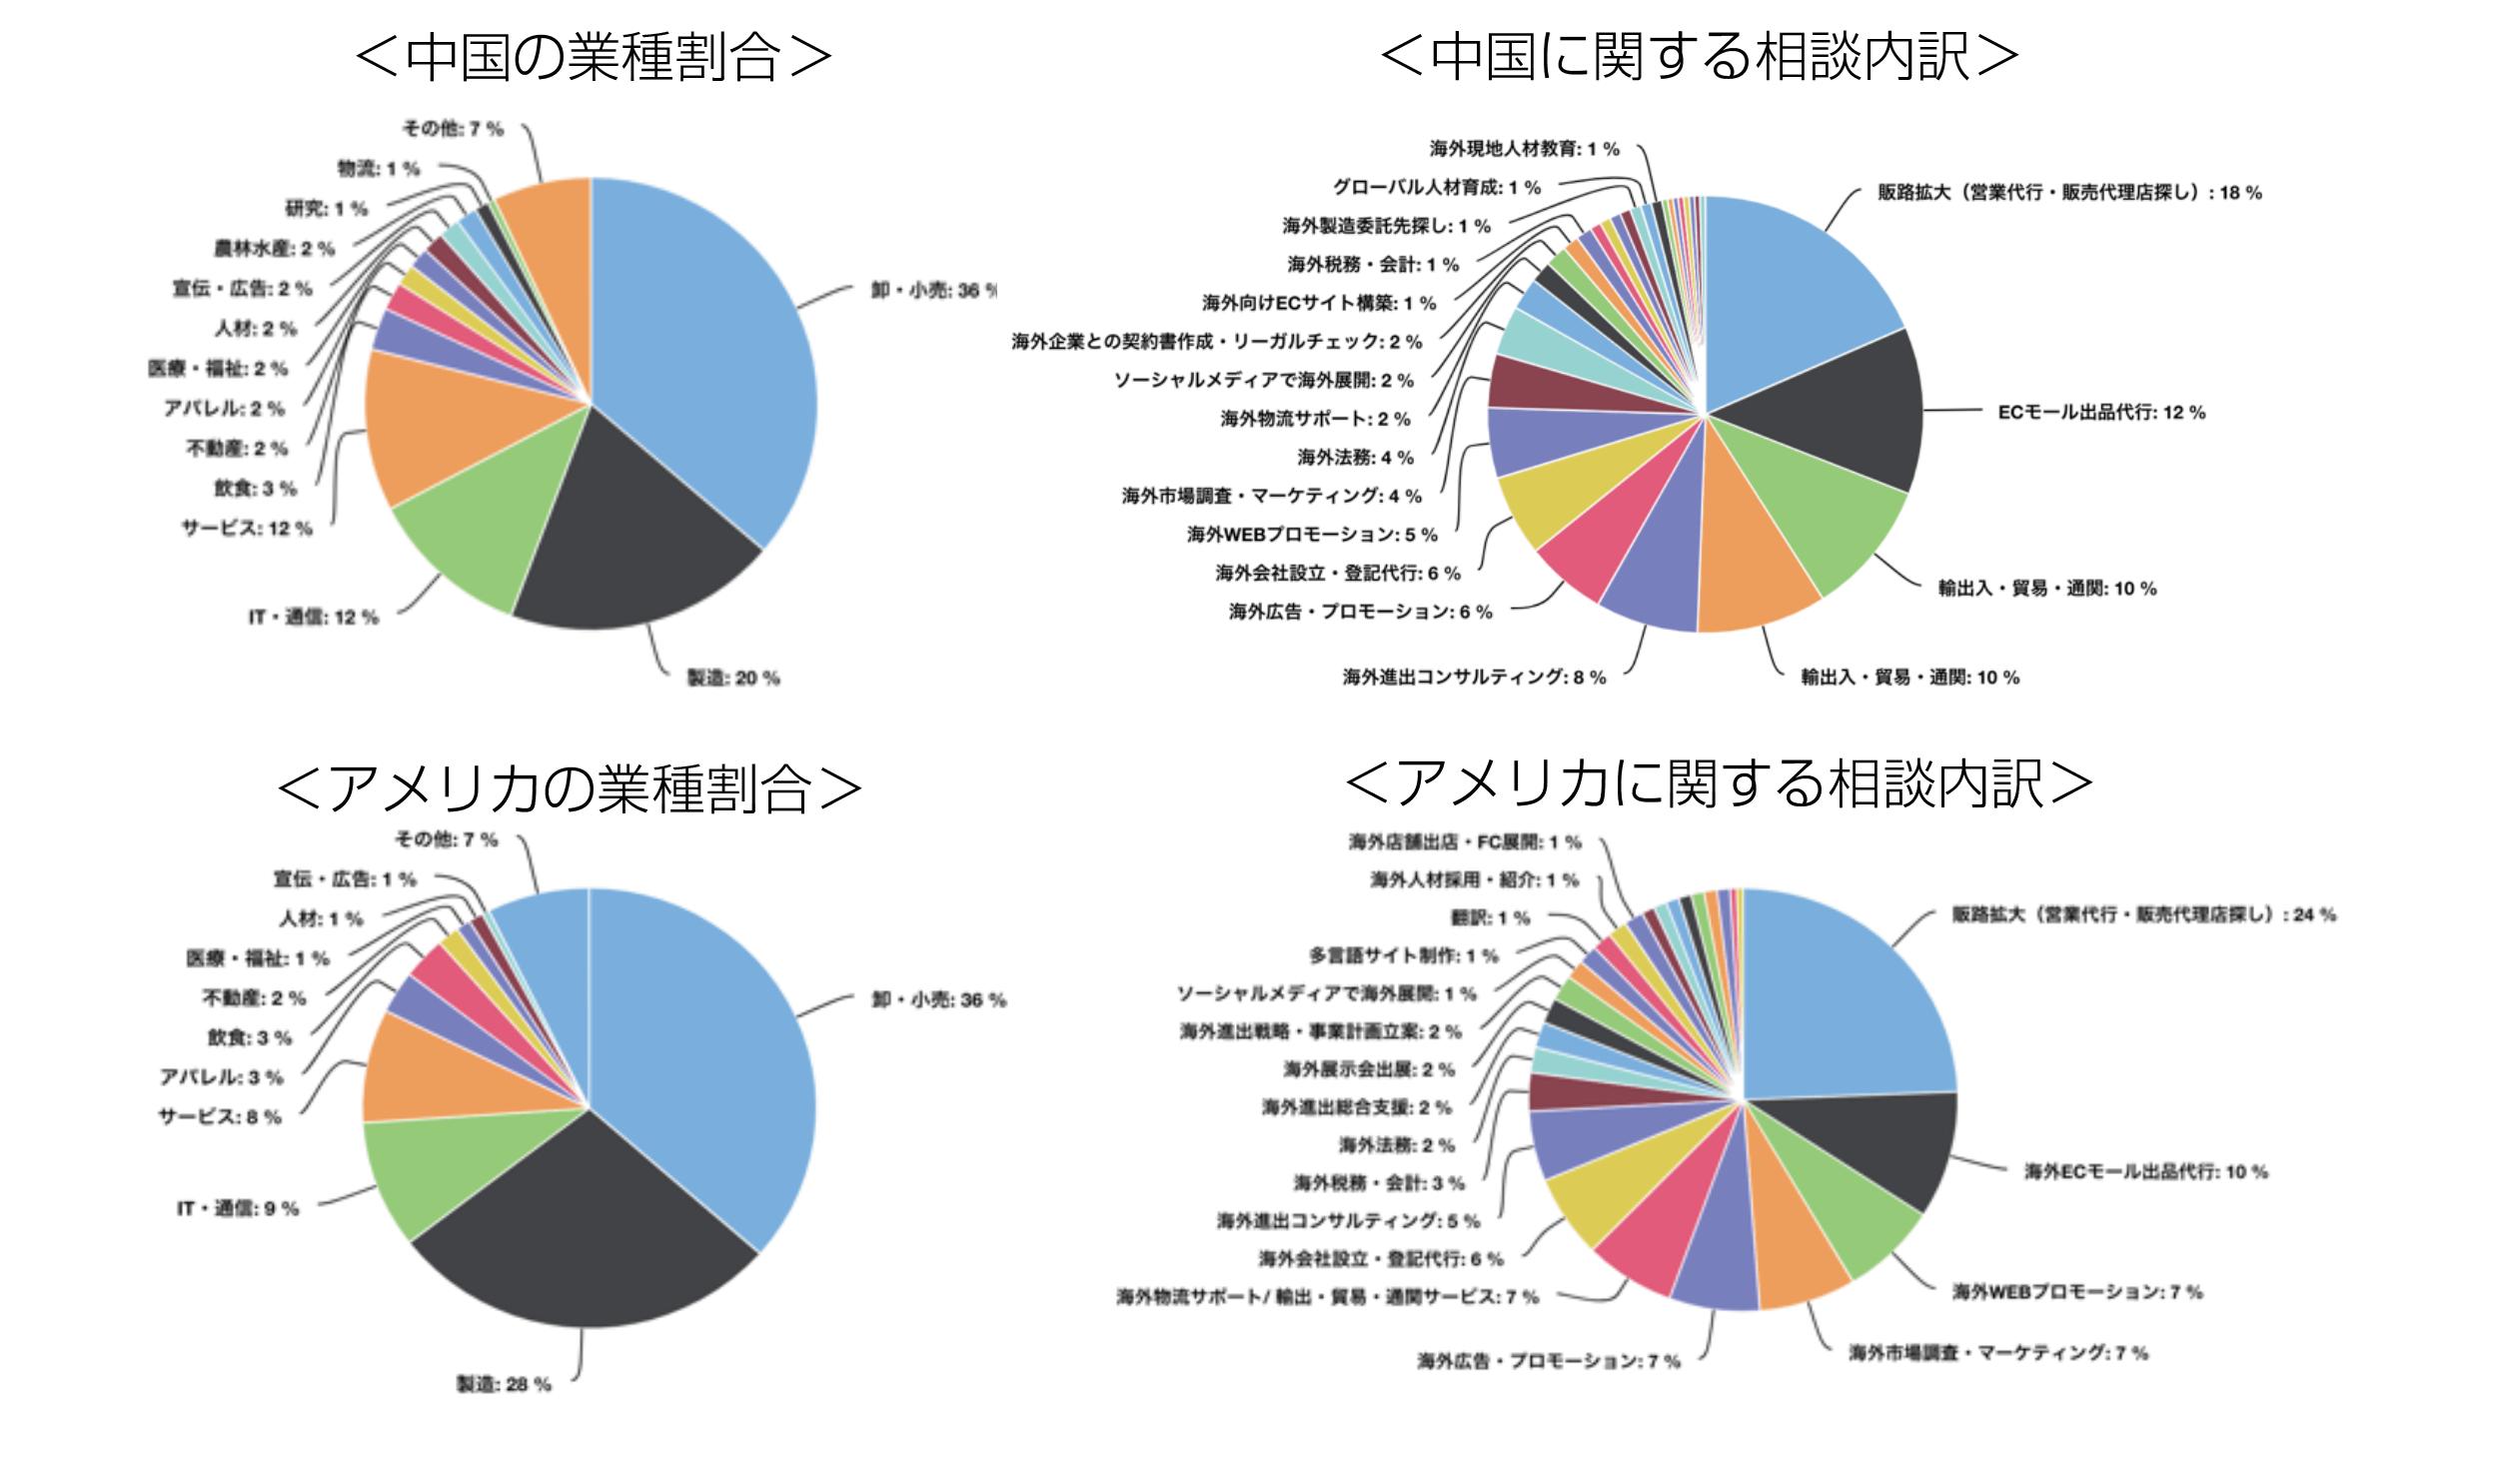 中国・アメリカの業種割合:相談内訳